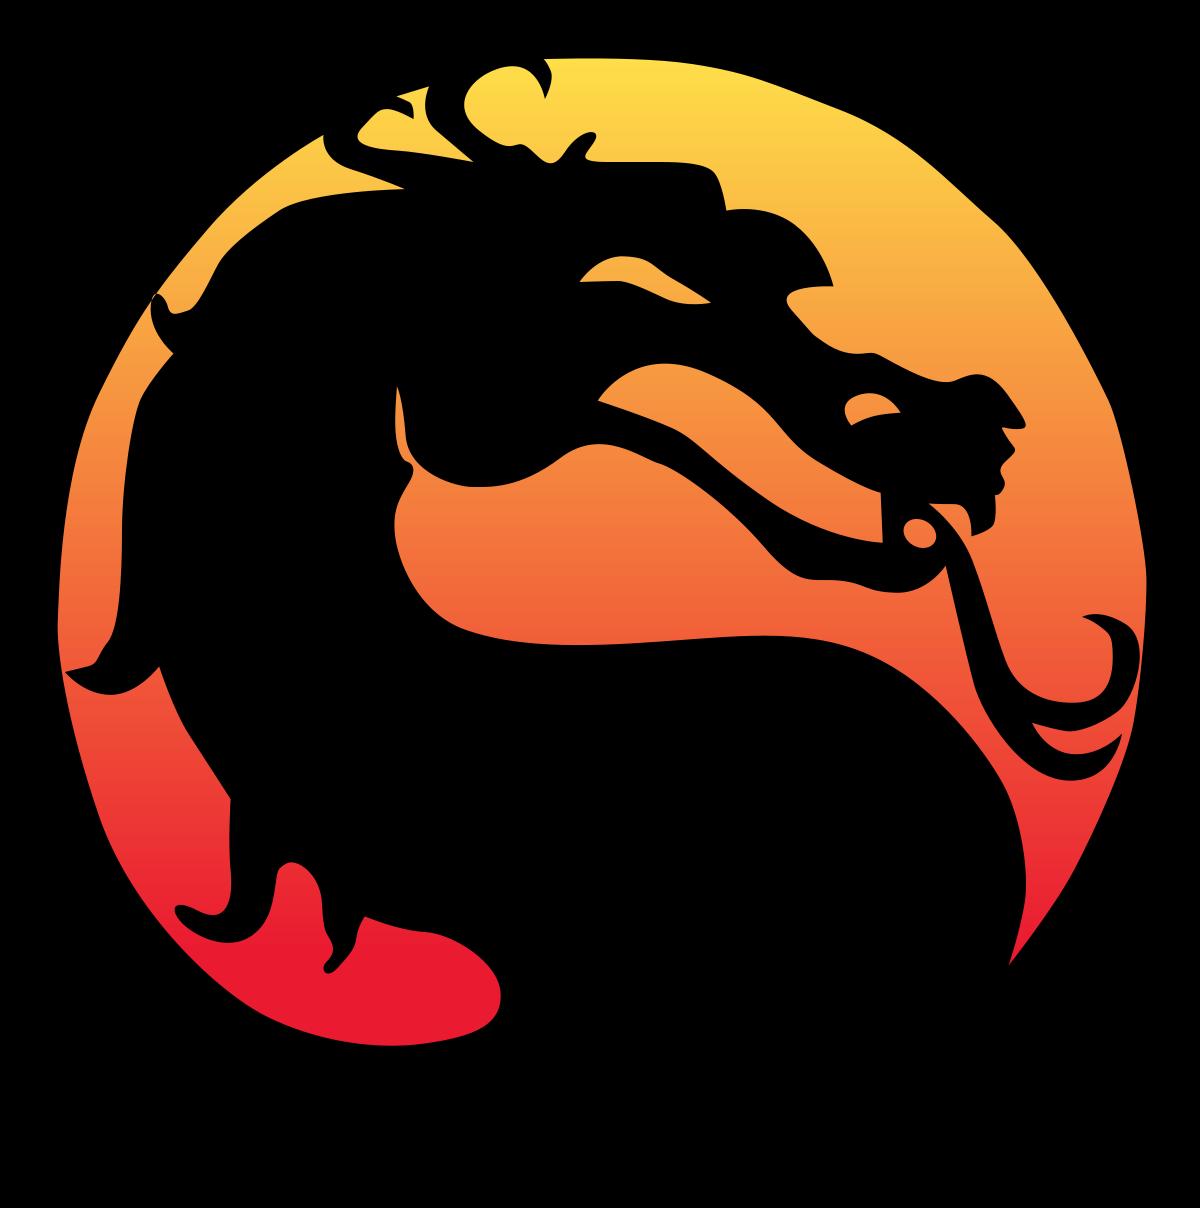 Mortal Kombat Wikipedia Mortal kombat tattoo, Mortal